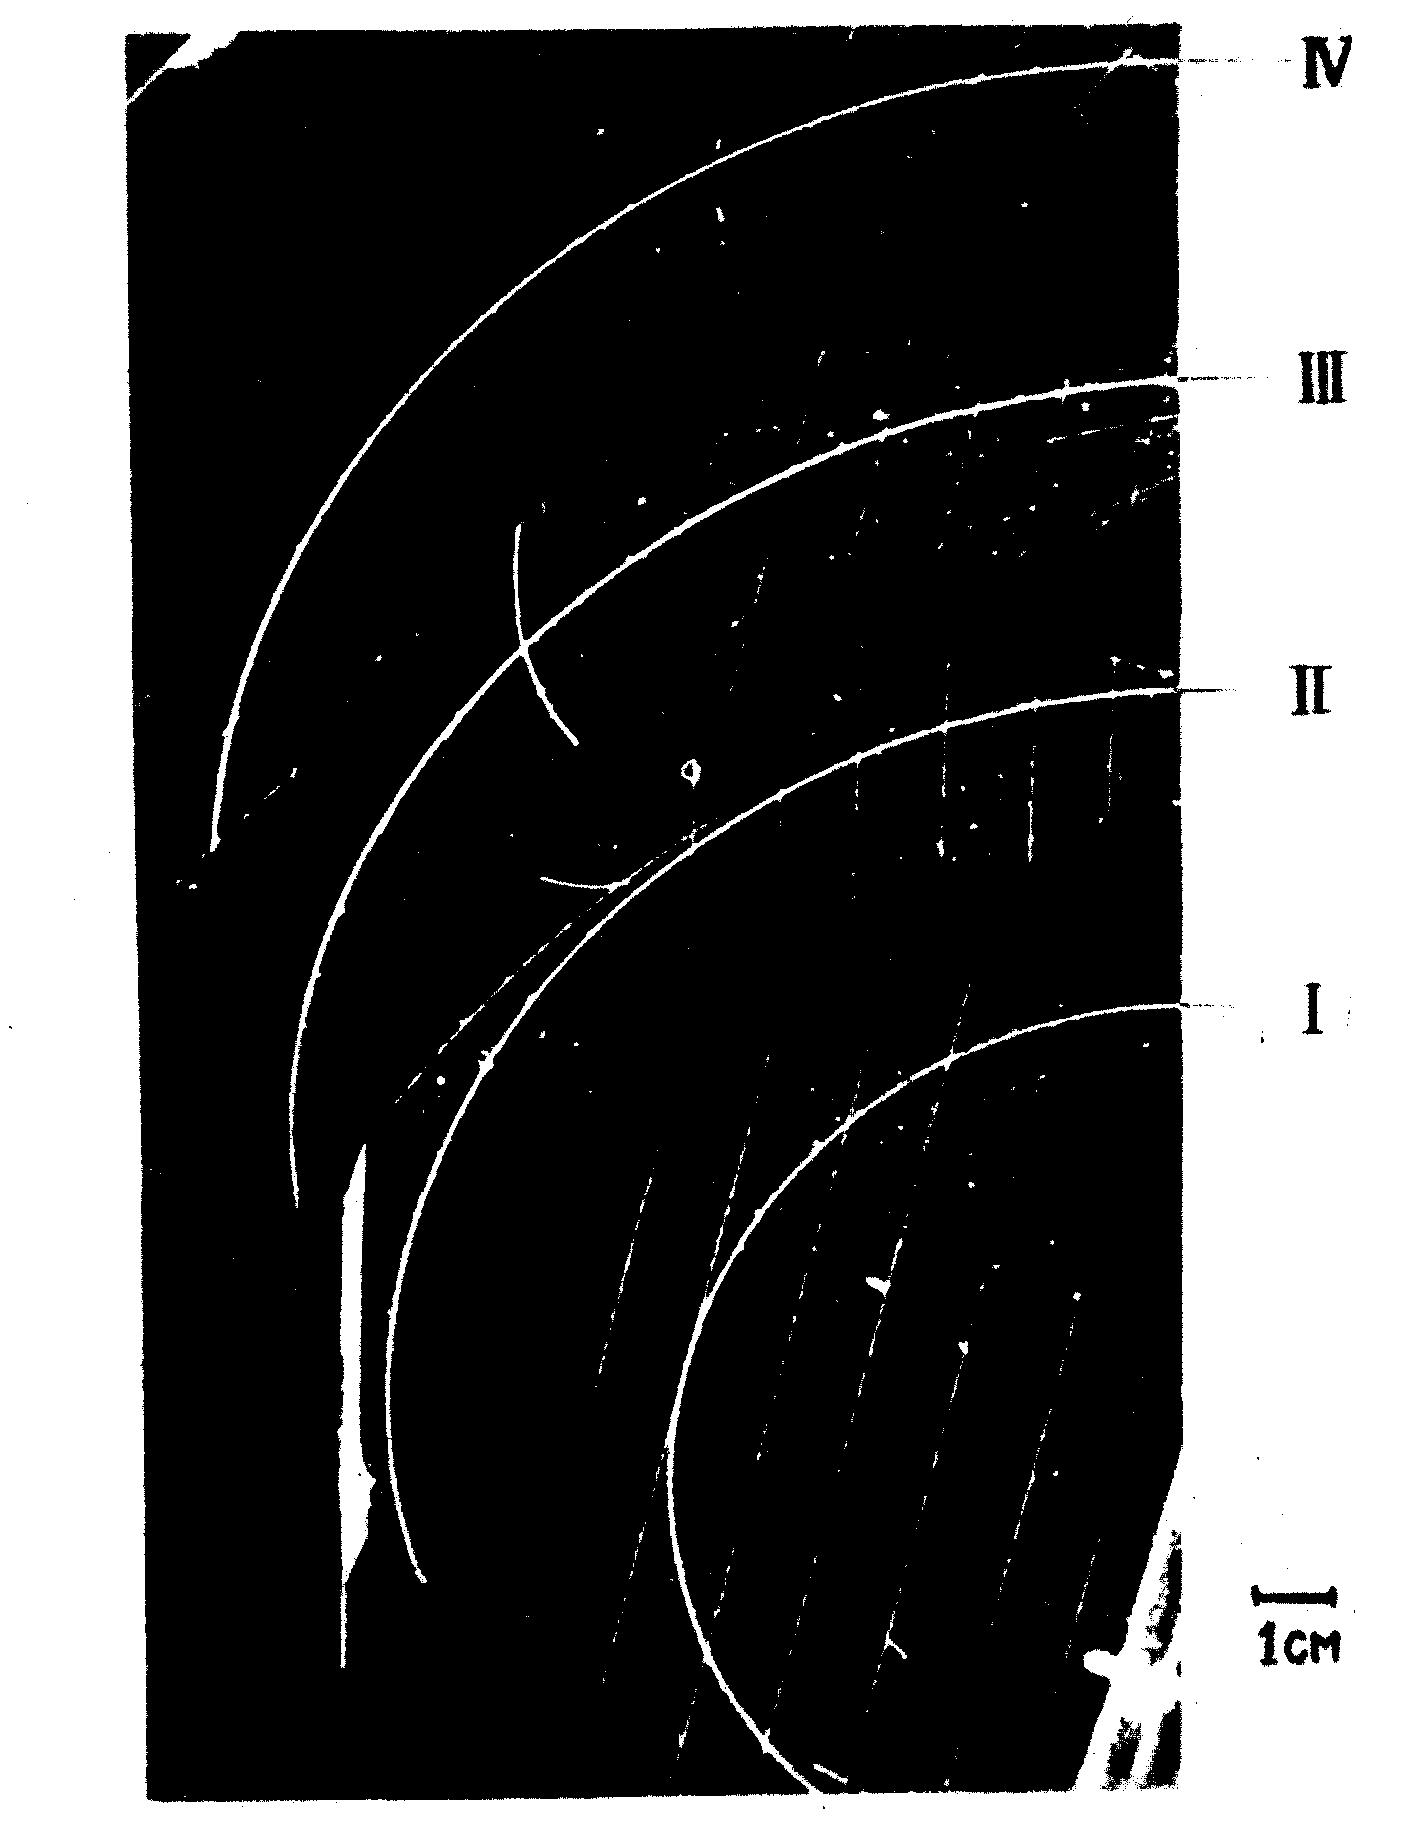 Изучение фотографий треков заряженных частиц